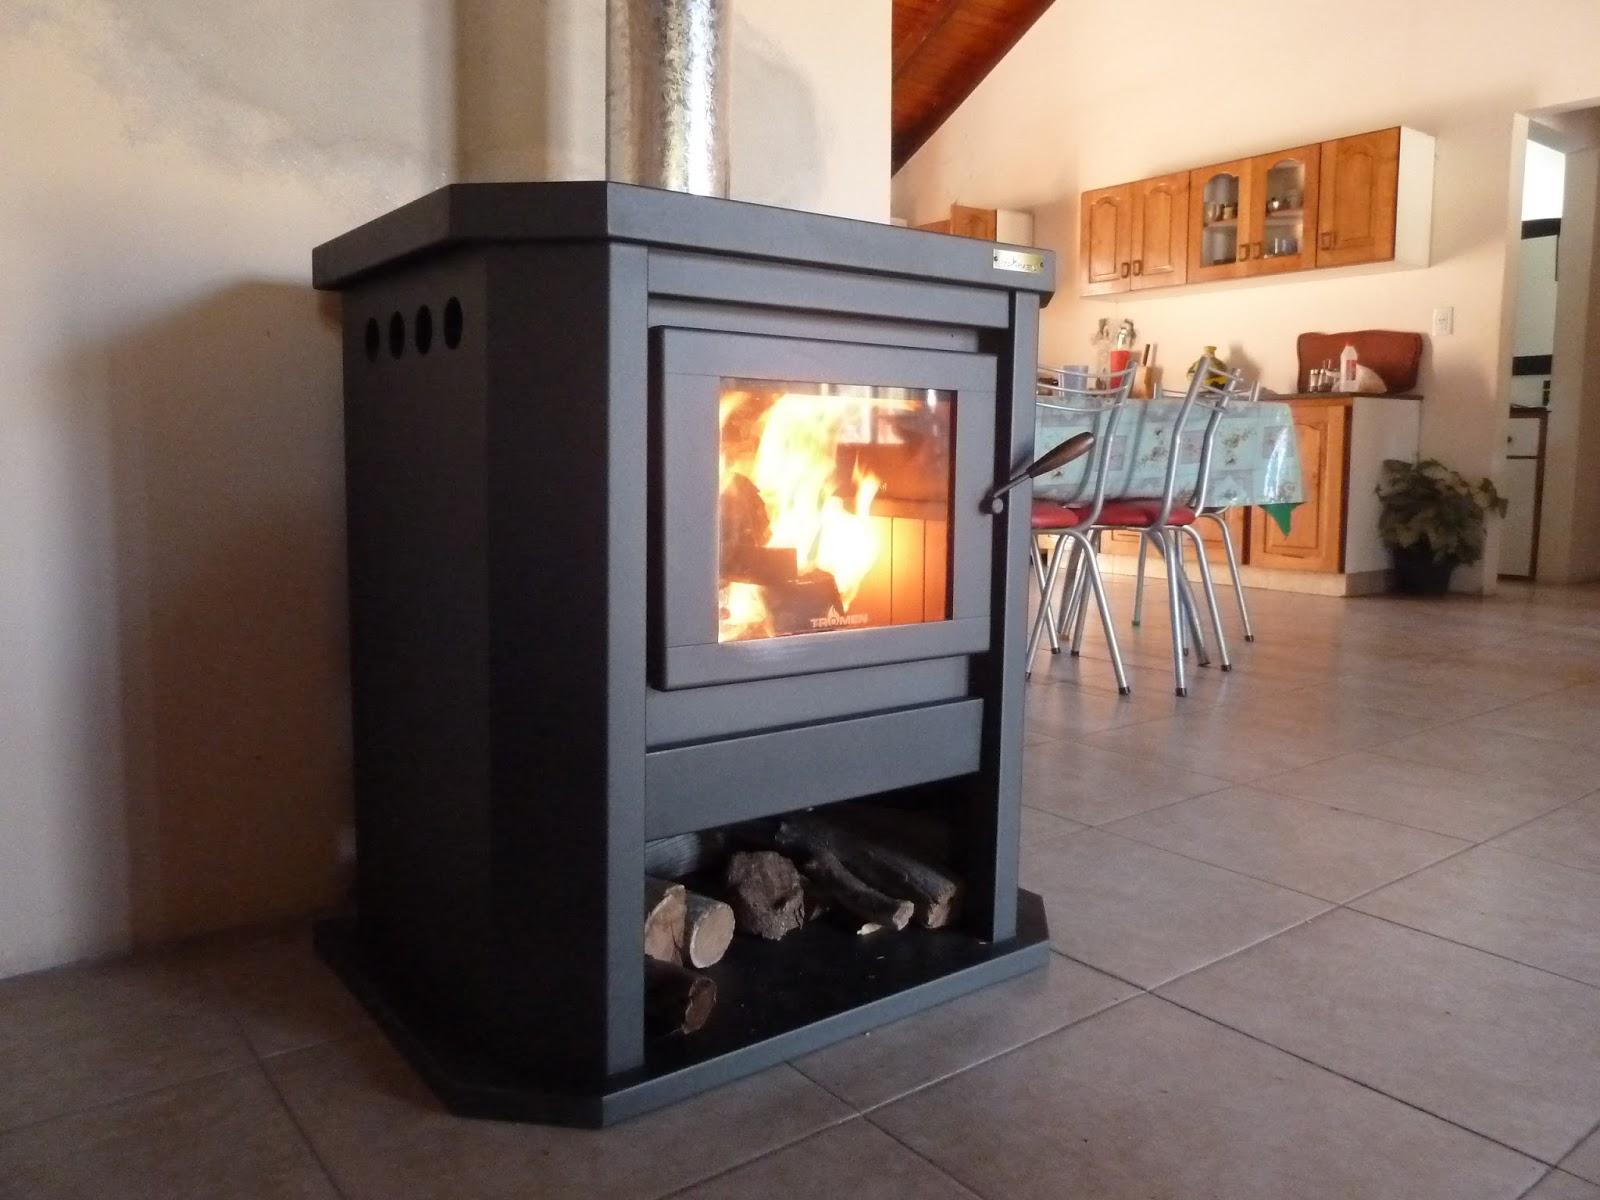 Instalaciones dom sticas e industriales calderas y - Calderas calefaccion gas ...